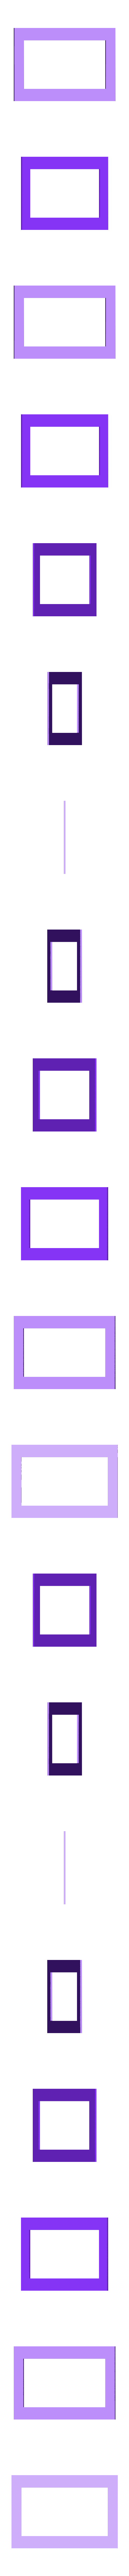 Ender_3_display_window.stl Download free STL file Display cases for Ender 3 and BIGTREETECH TFT35 V1.2 control panel TFT 3.5 v2 • 3D print model, michal0082